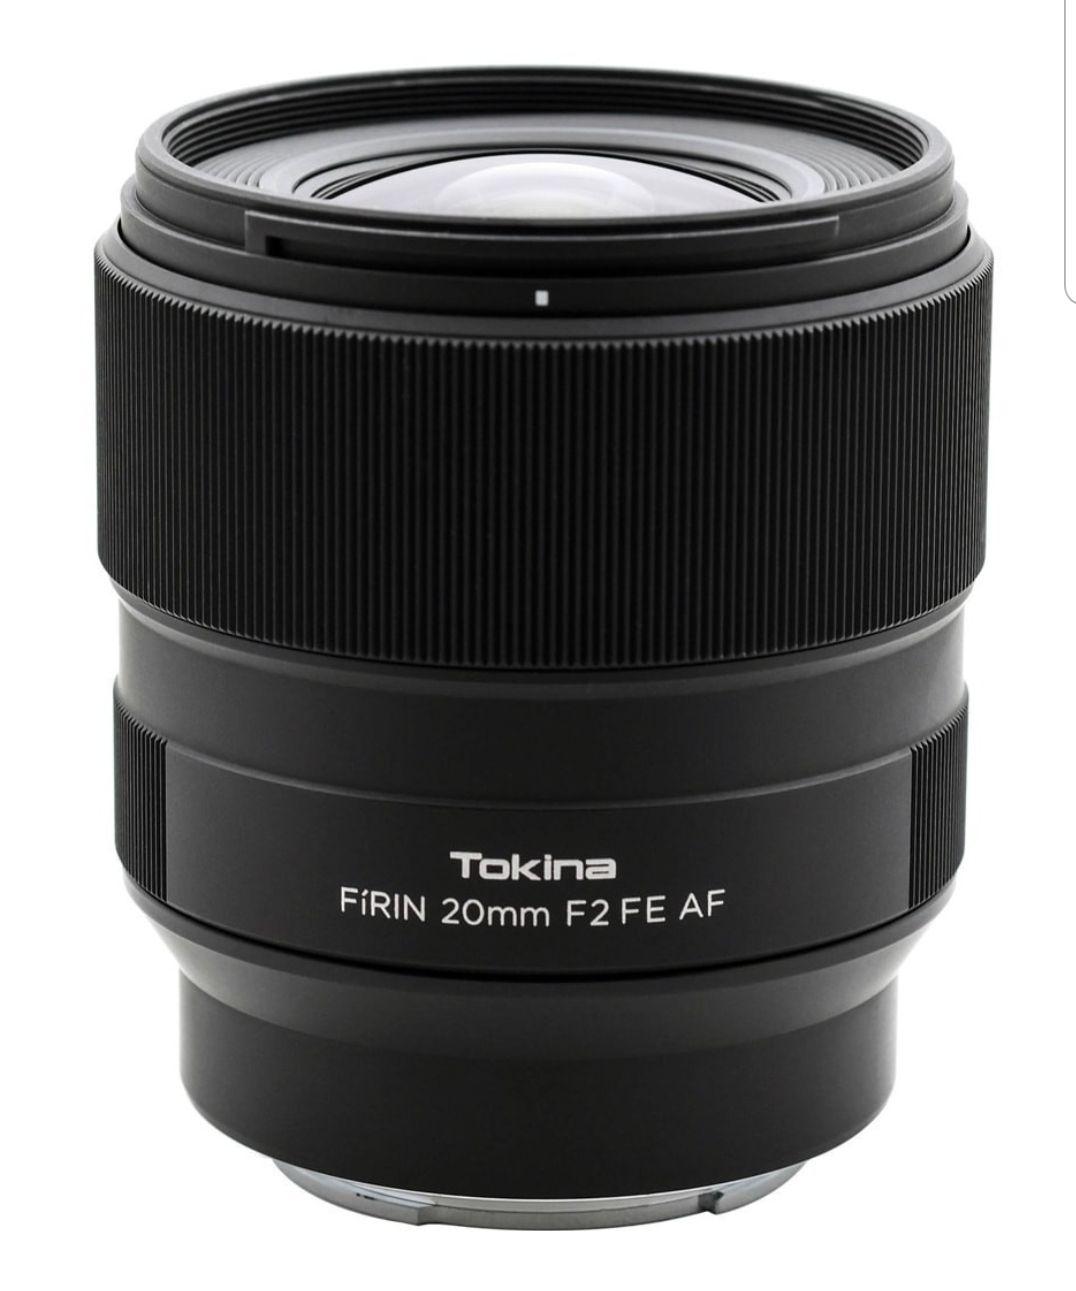 Tokina 20mm F2 AF Sony E-Mount